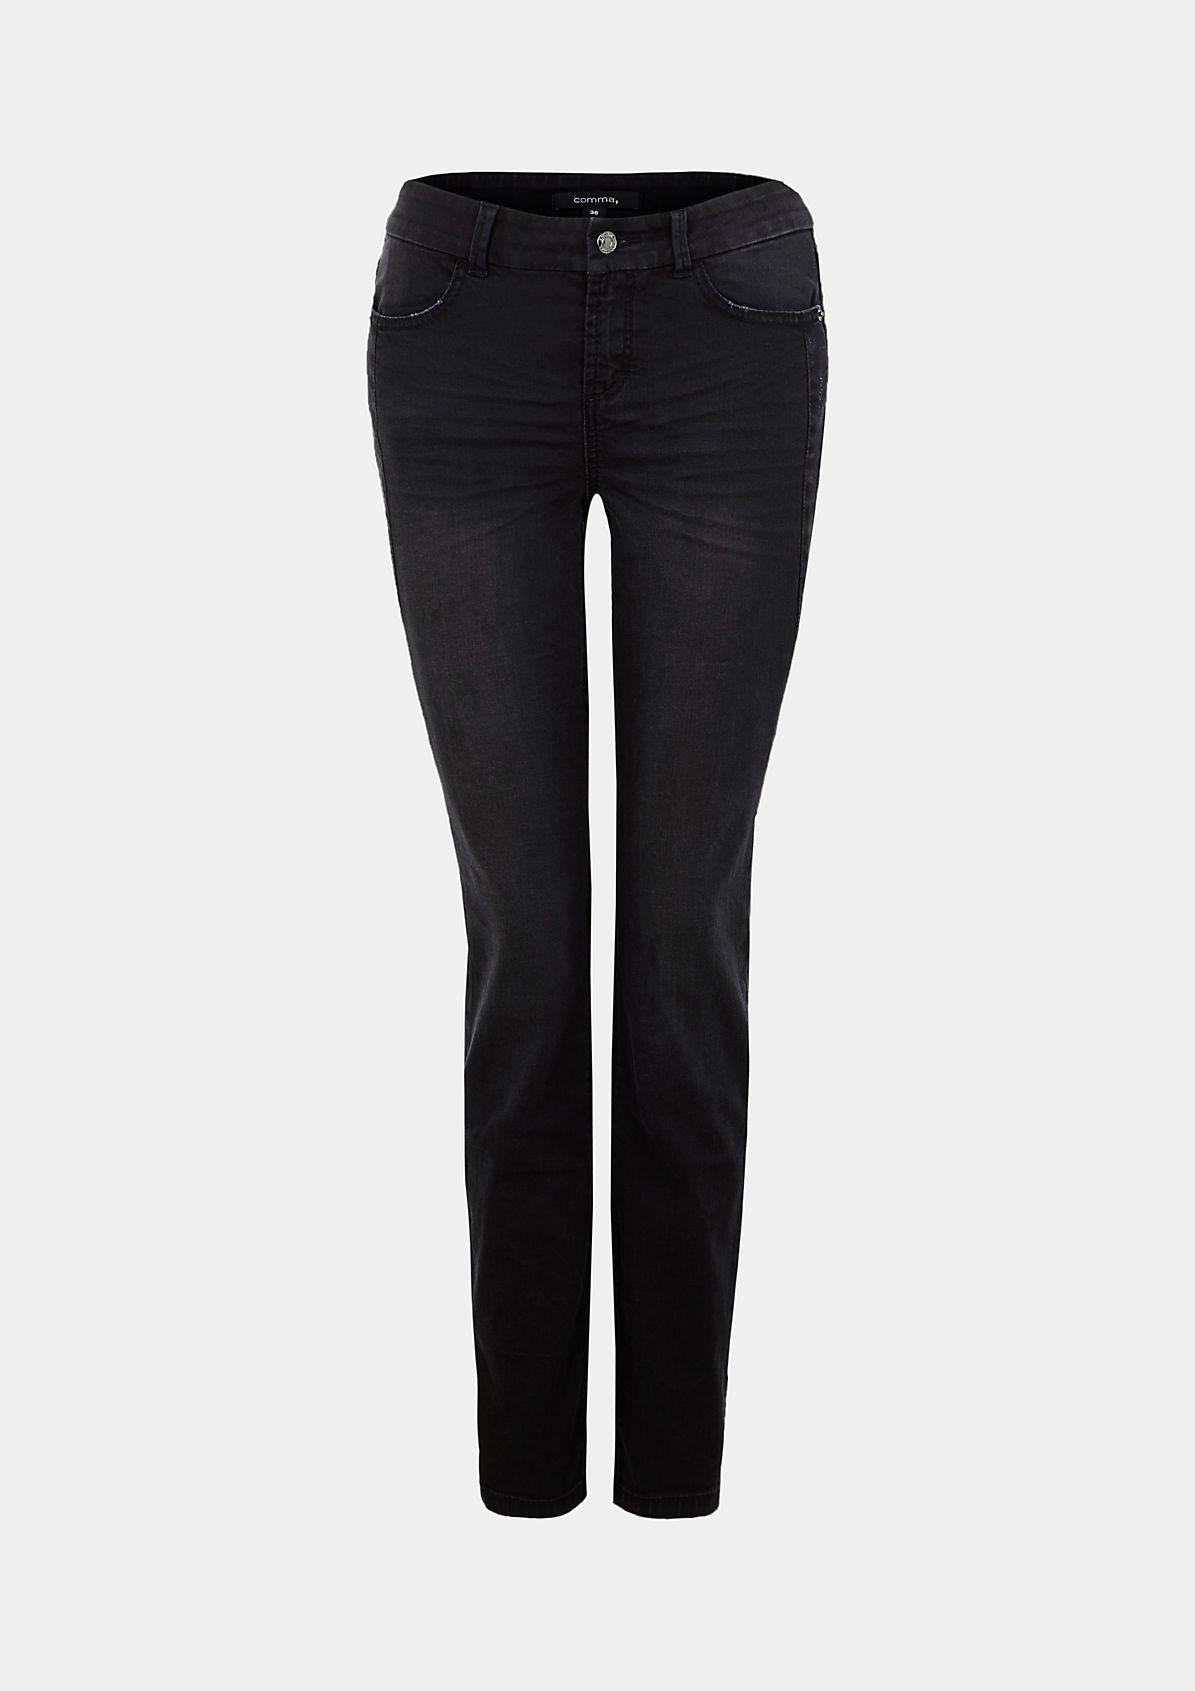 Roughe Jeans im angesagten Used-Look